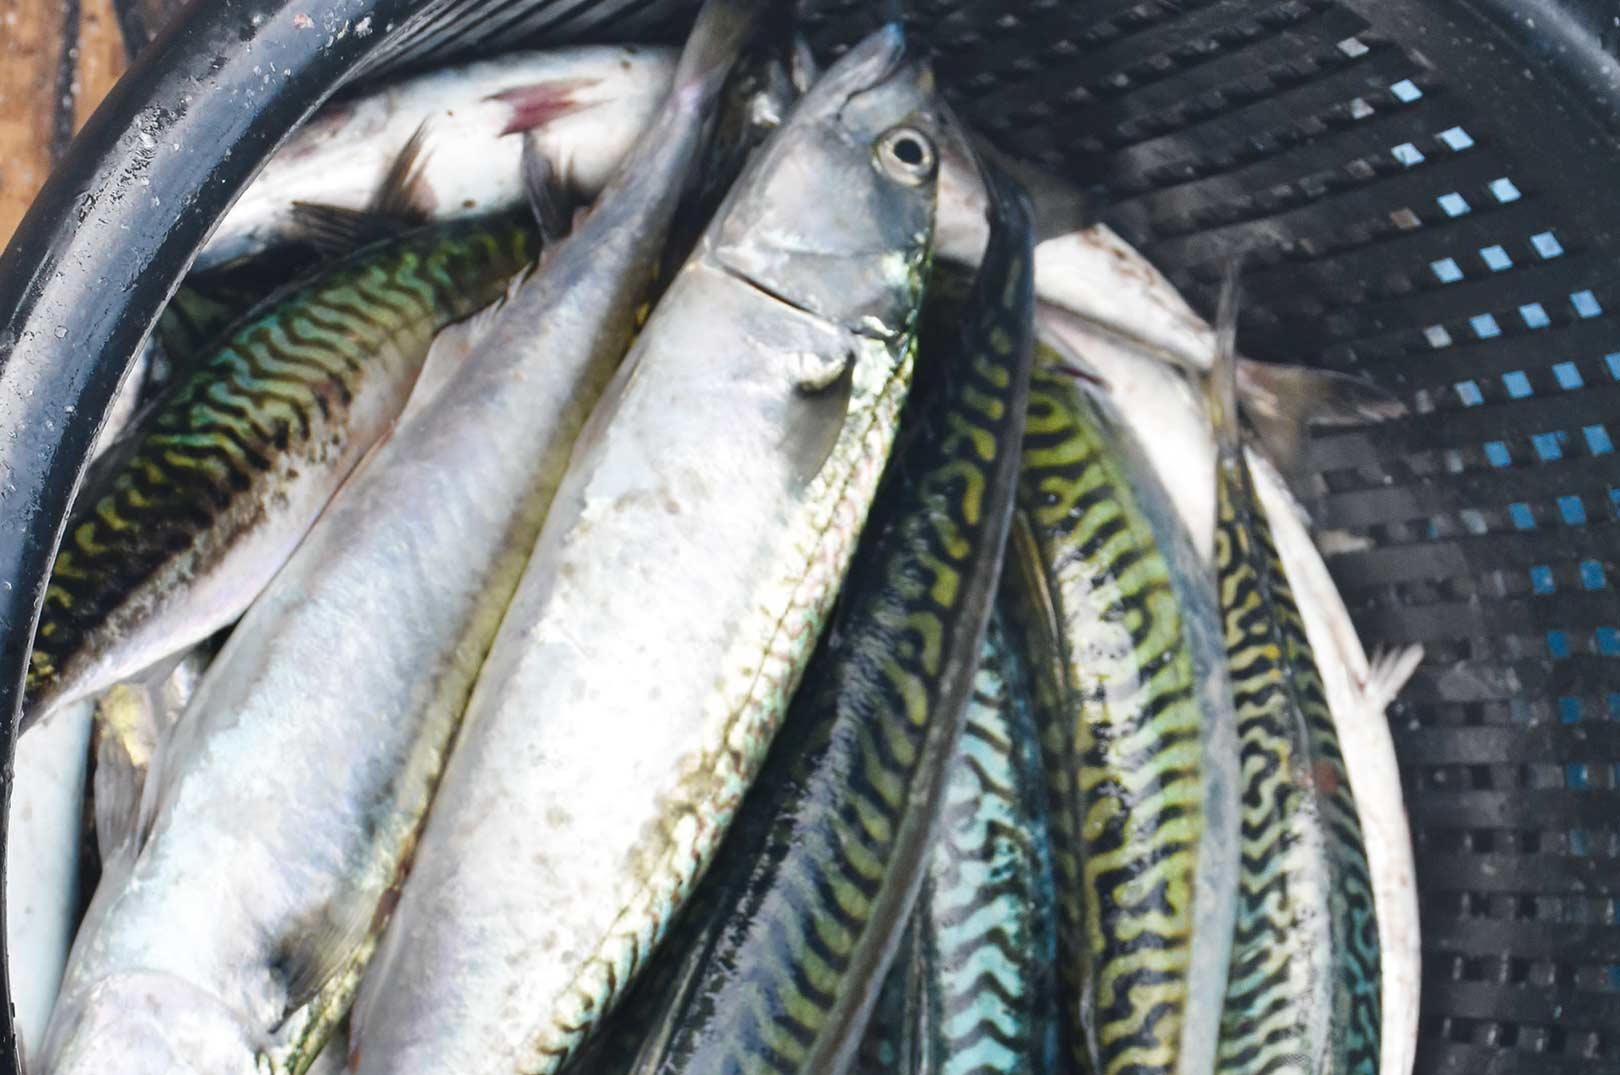 Med en god kurvfuld makrel sikkert på dækket er der masser af god mad til grillen - og måske et par ekstra geddeagn til vinterens fiskeri med død agn.